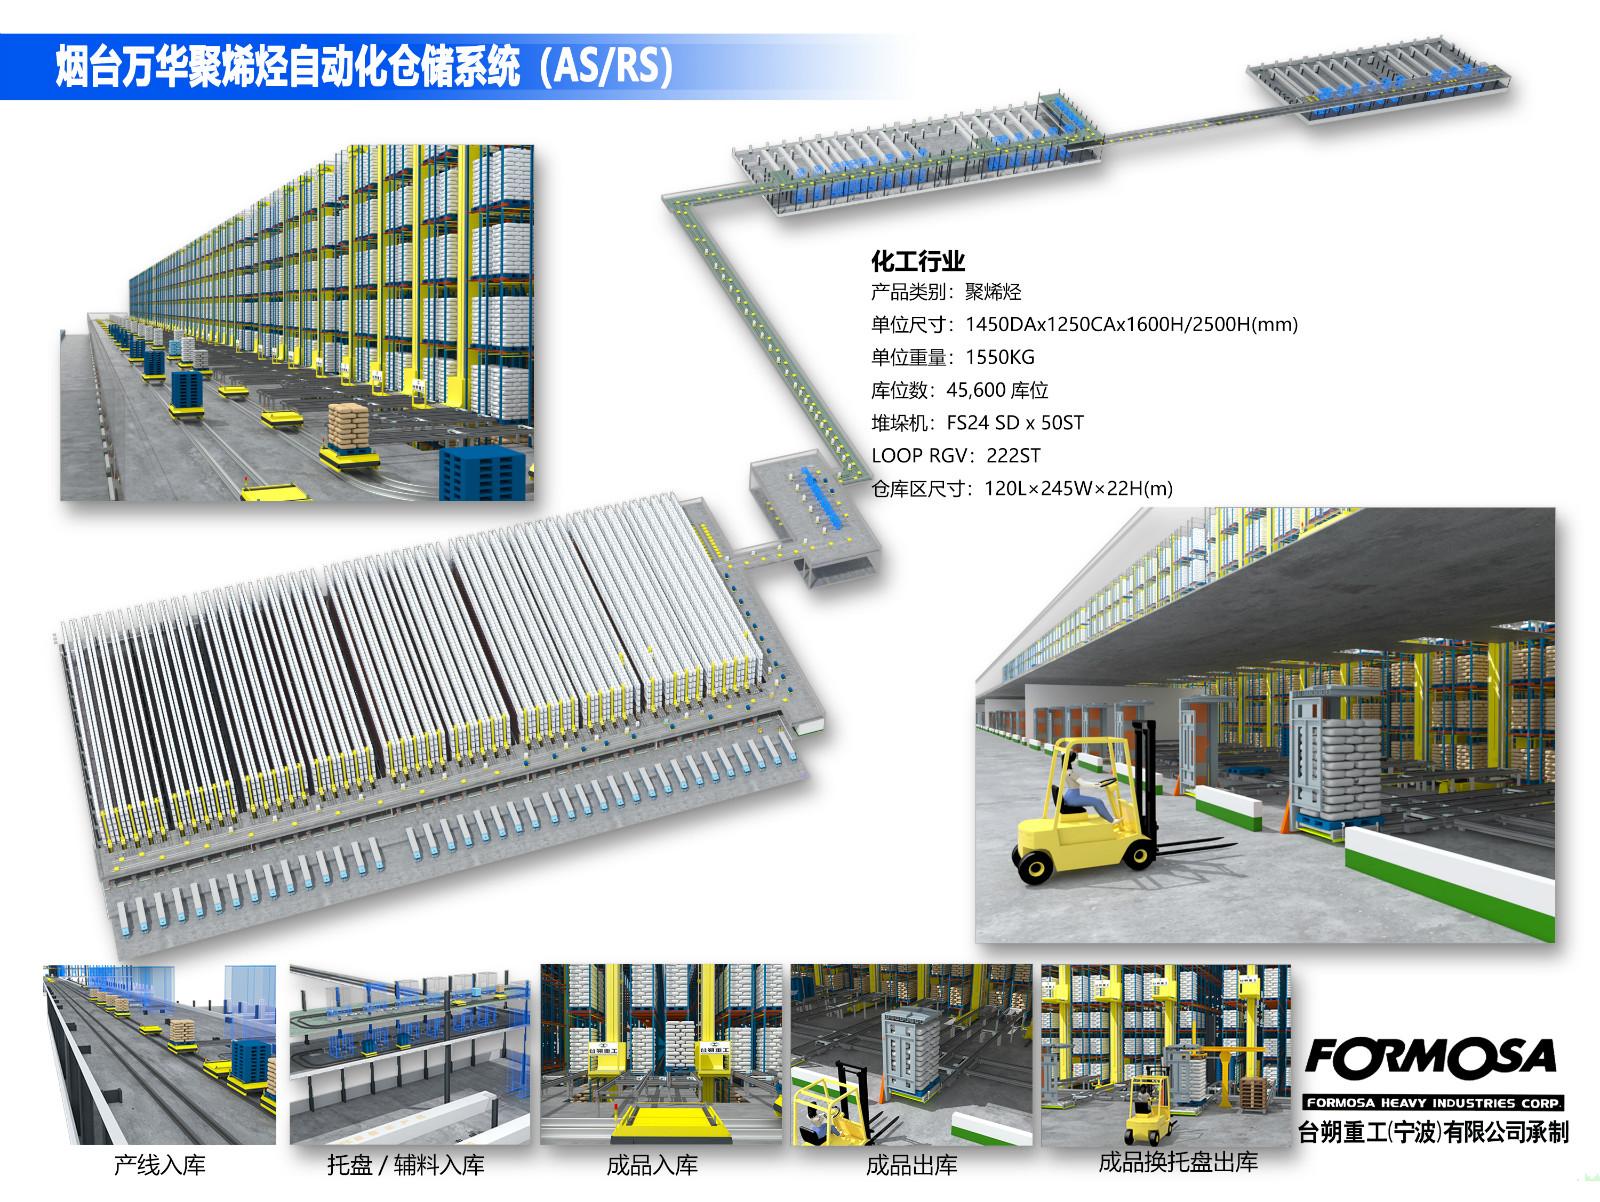 烟台万华聚烯烃自动化仓储系统(AS/RS)